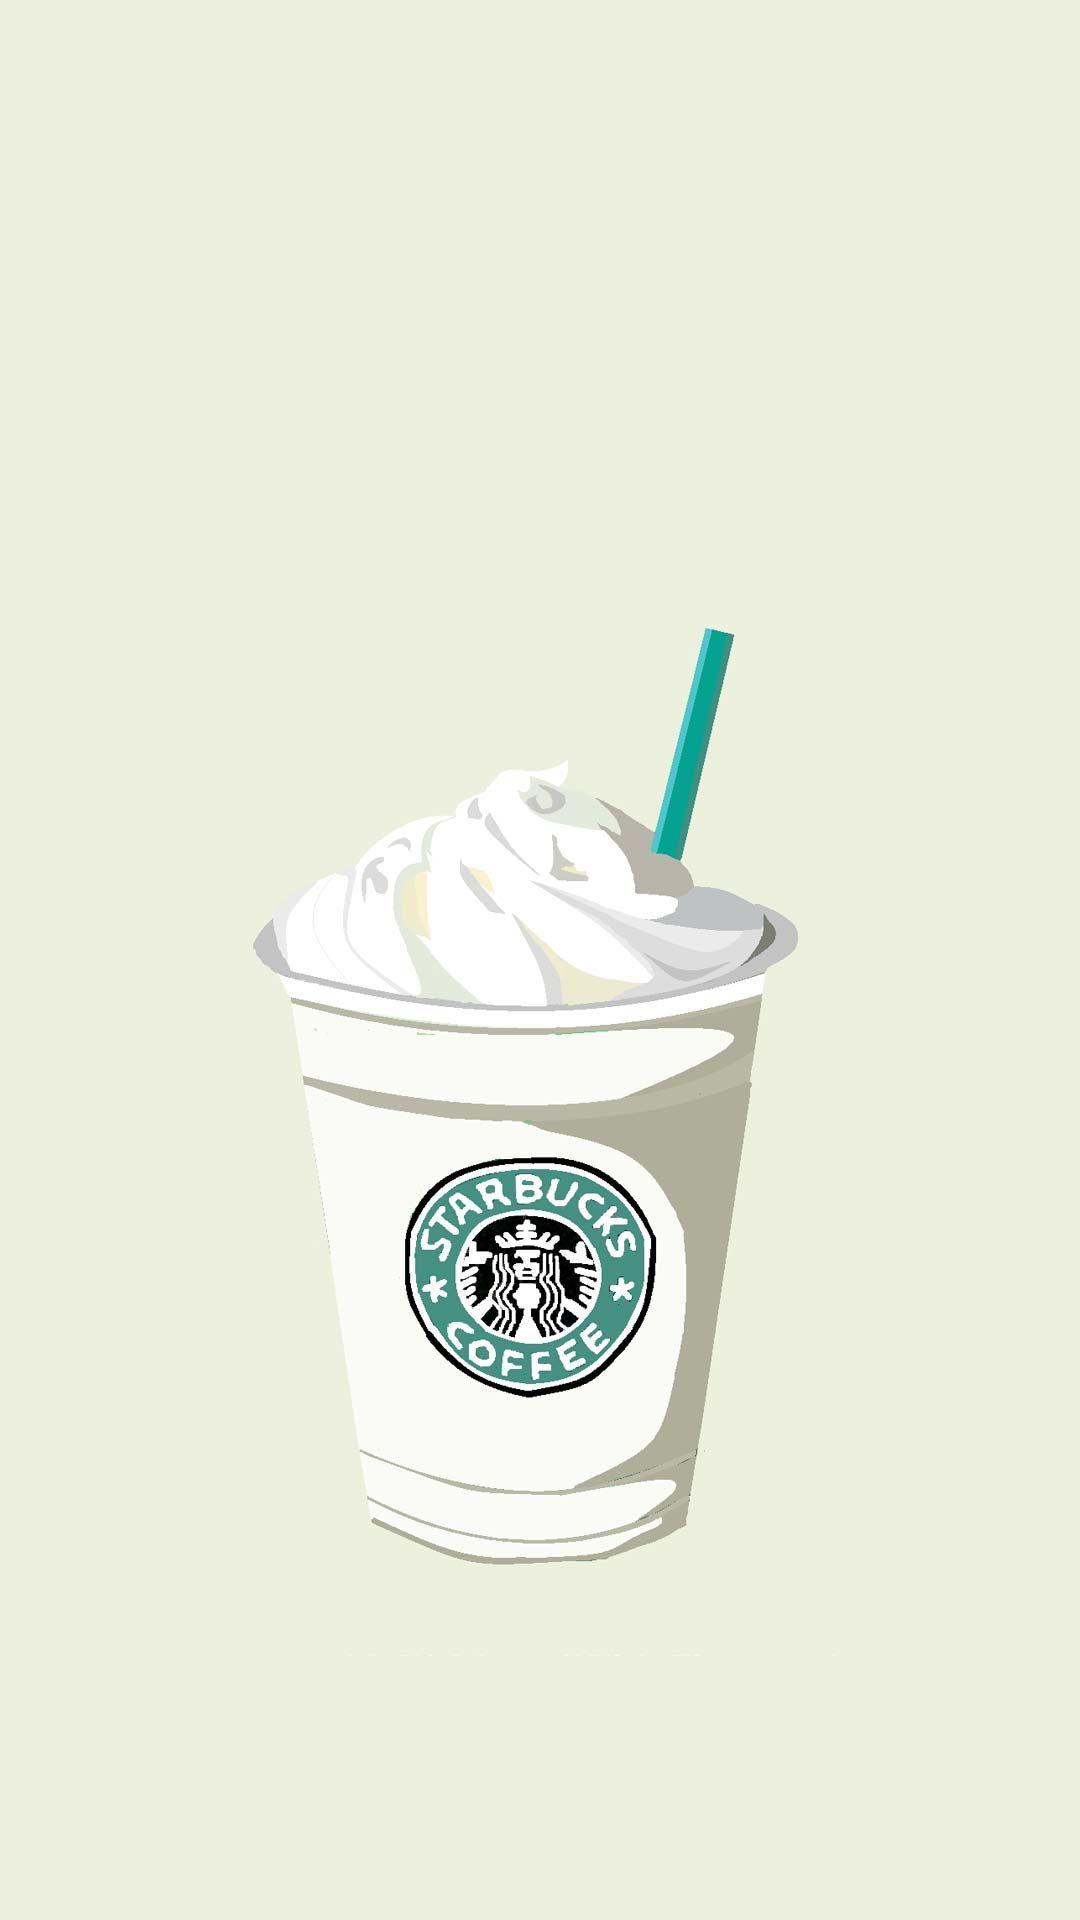 Pin On Starbucks Wallpper